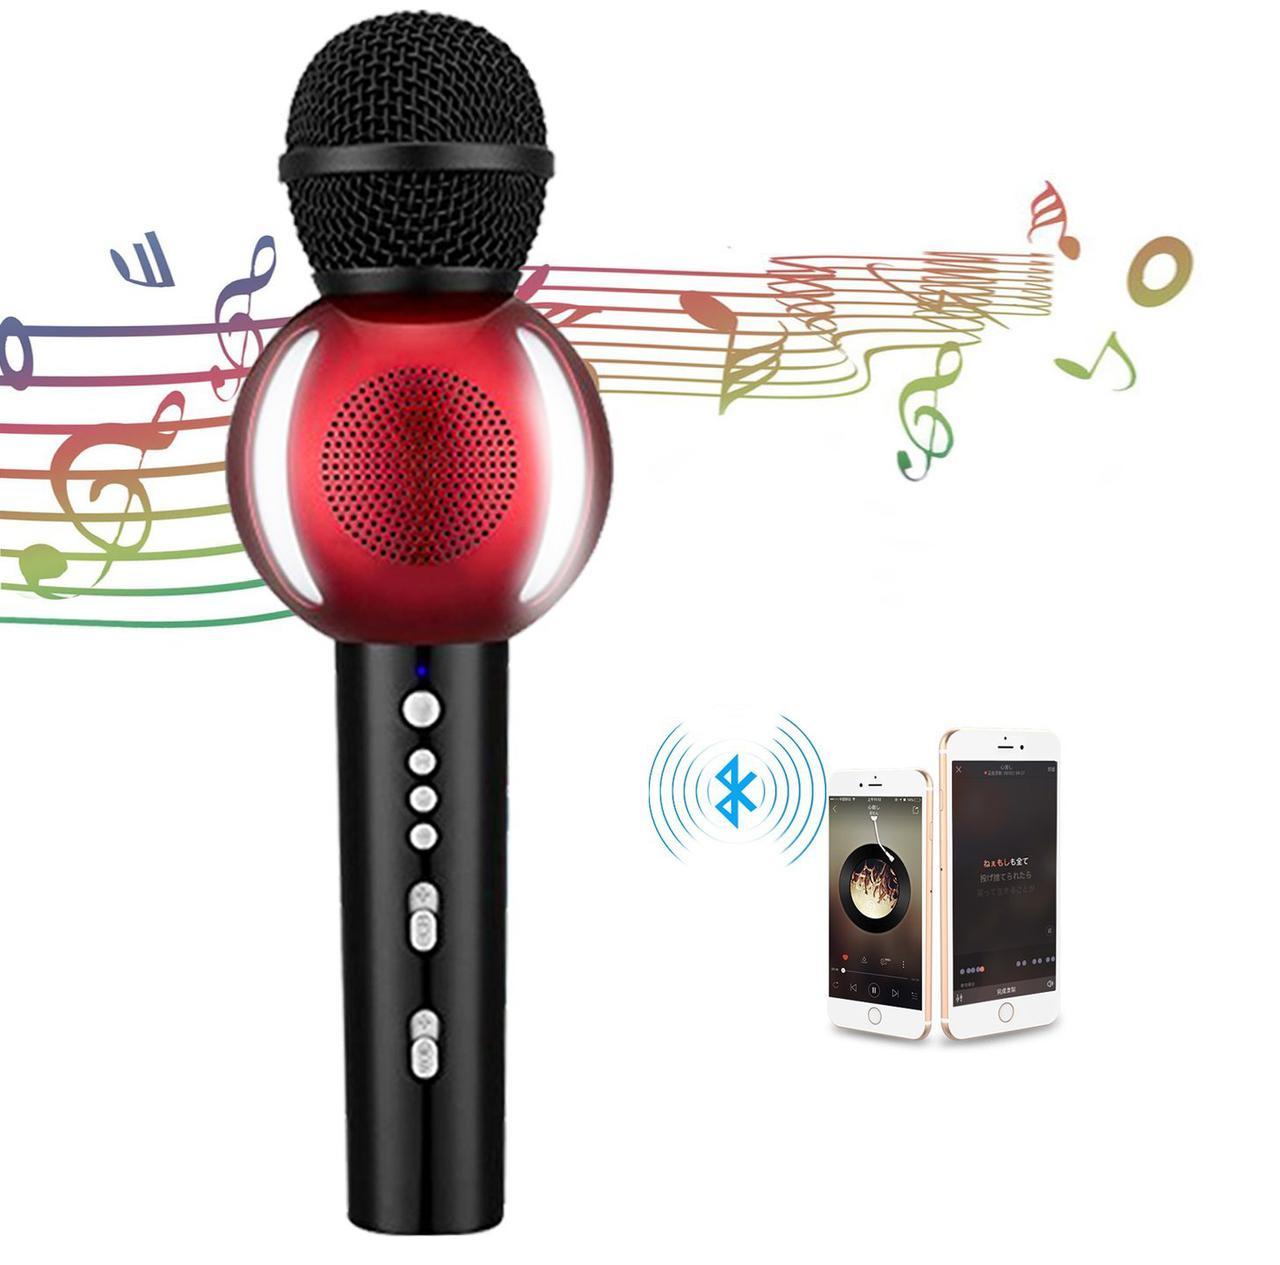 Беспроводной Bluetooth караоке микрофон AT MOUSE PC Smart TV